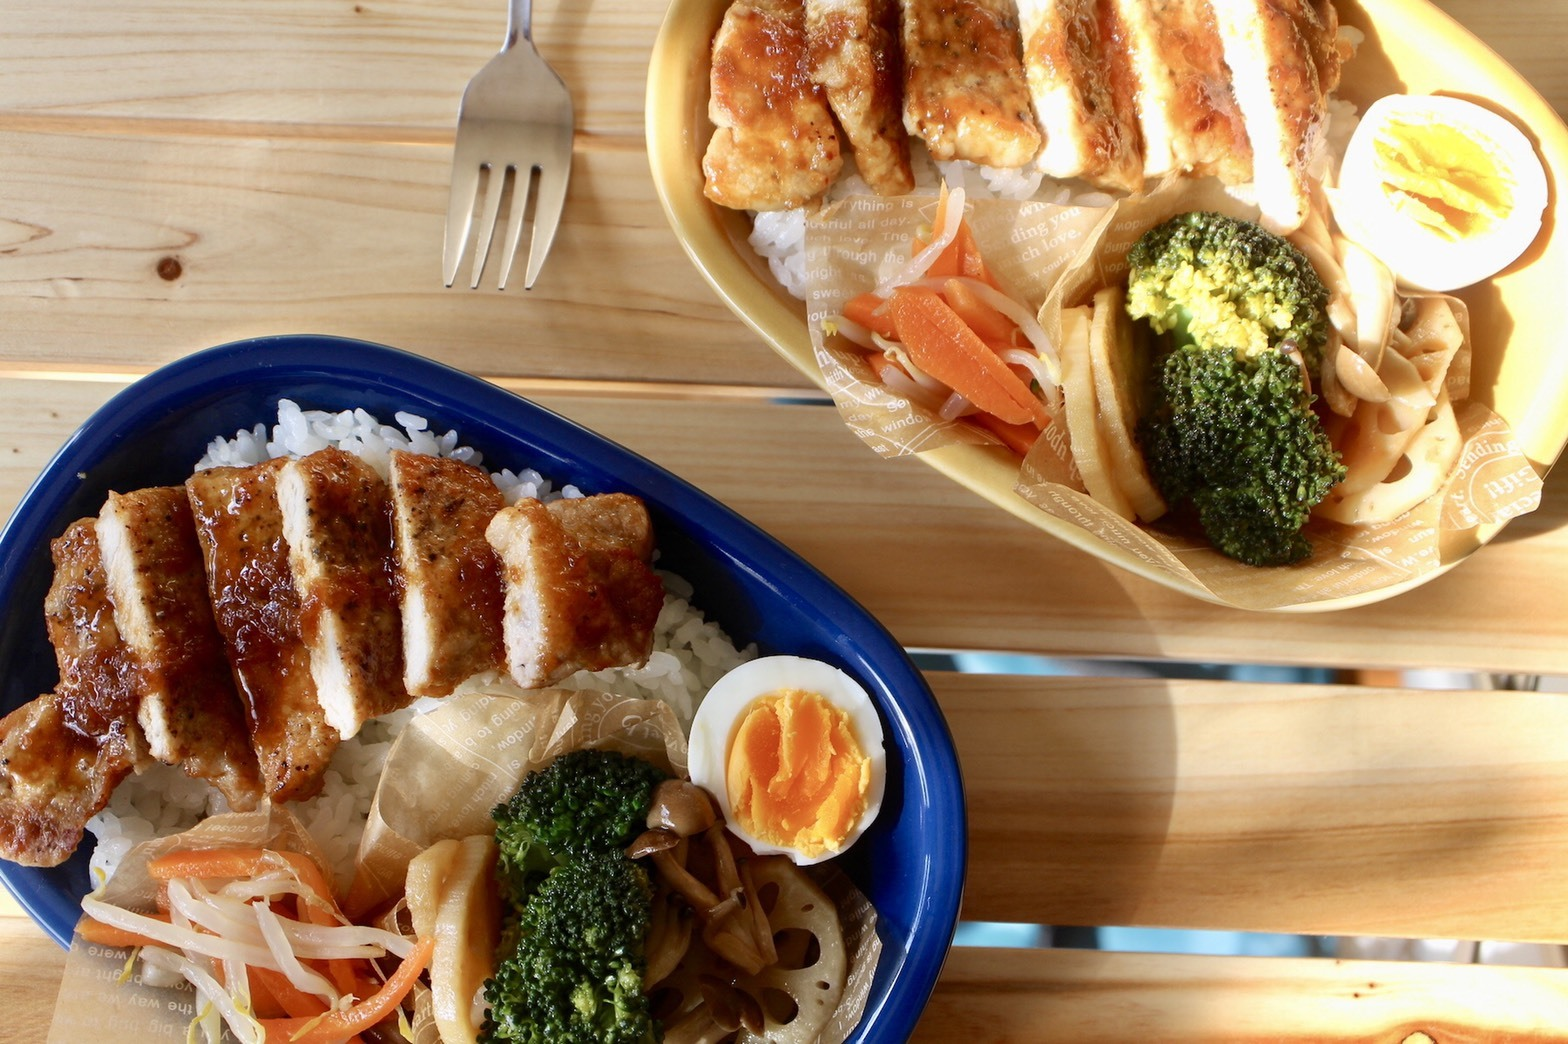 豚ロース肉の味噌 玉ねぎダレ丼弁当_f0220354_17442747.jpeg